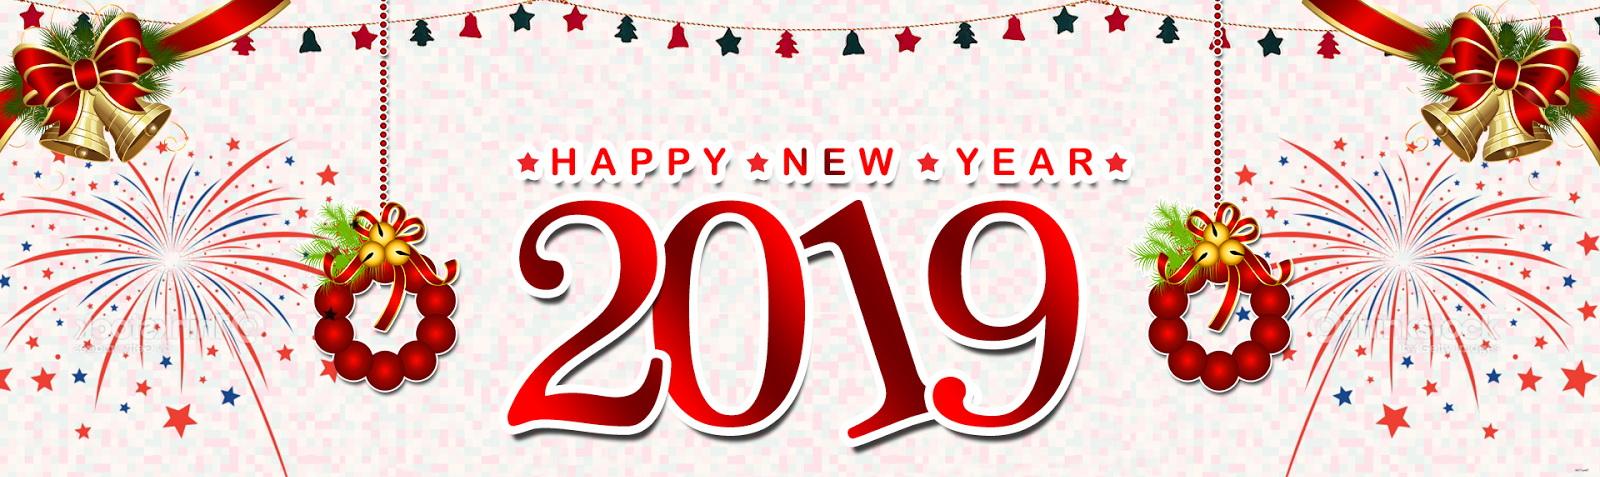 novogodnie-oboi-2019-new-year.jpg